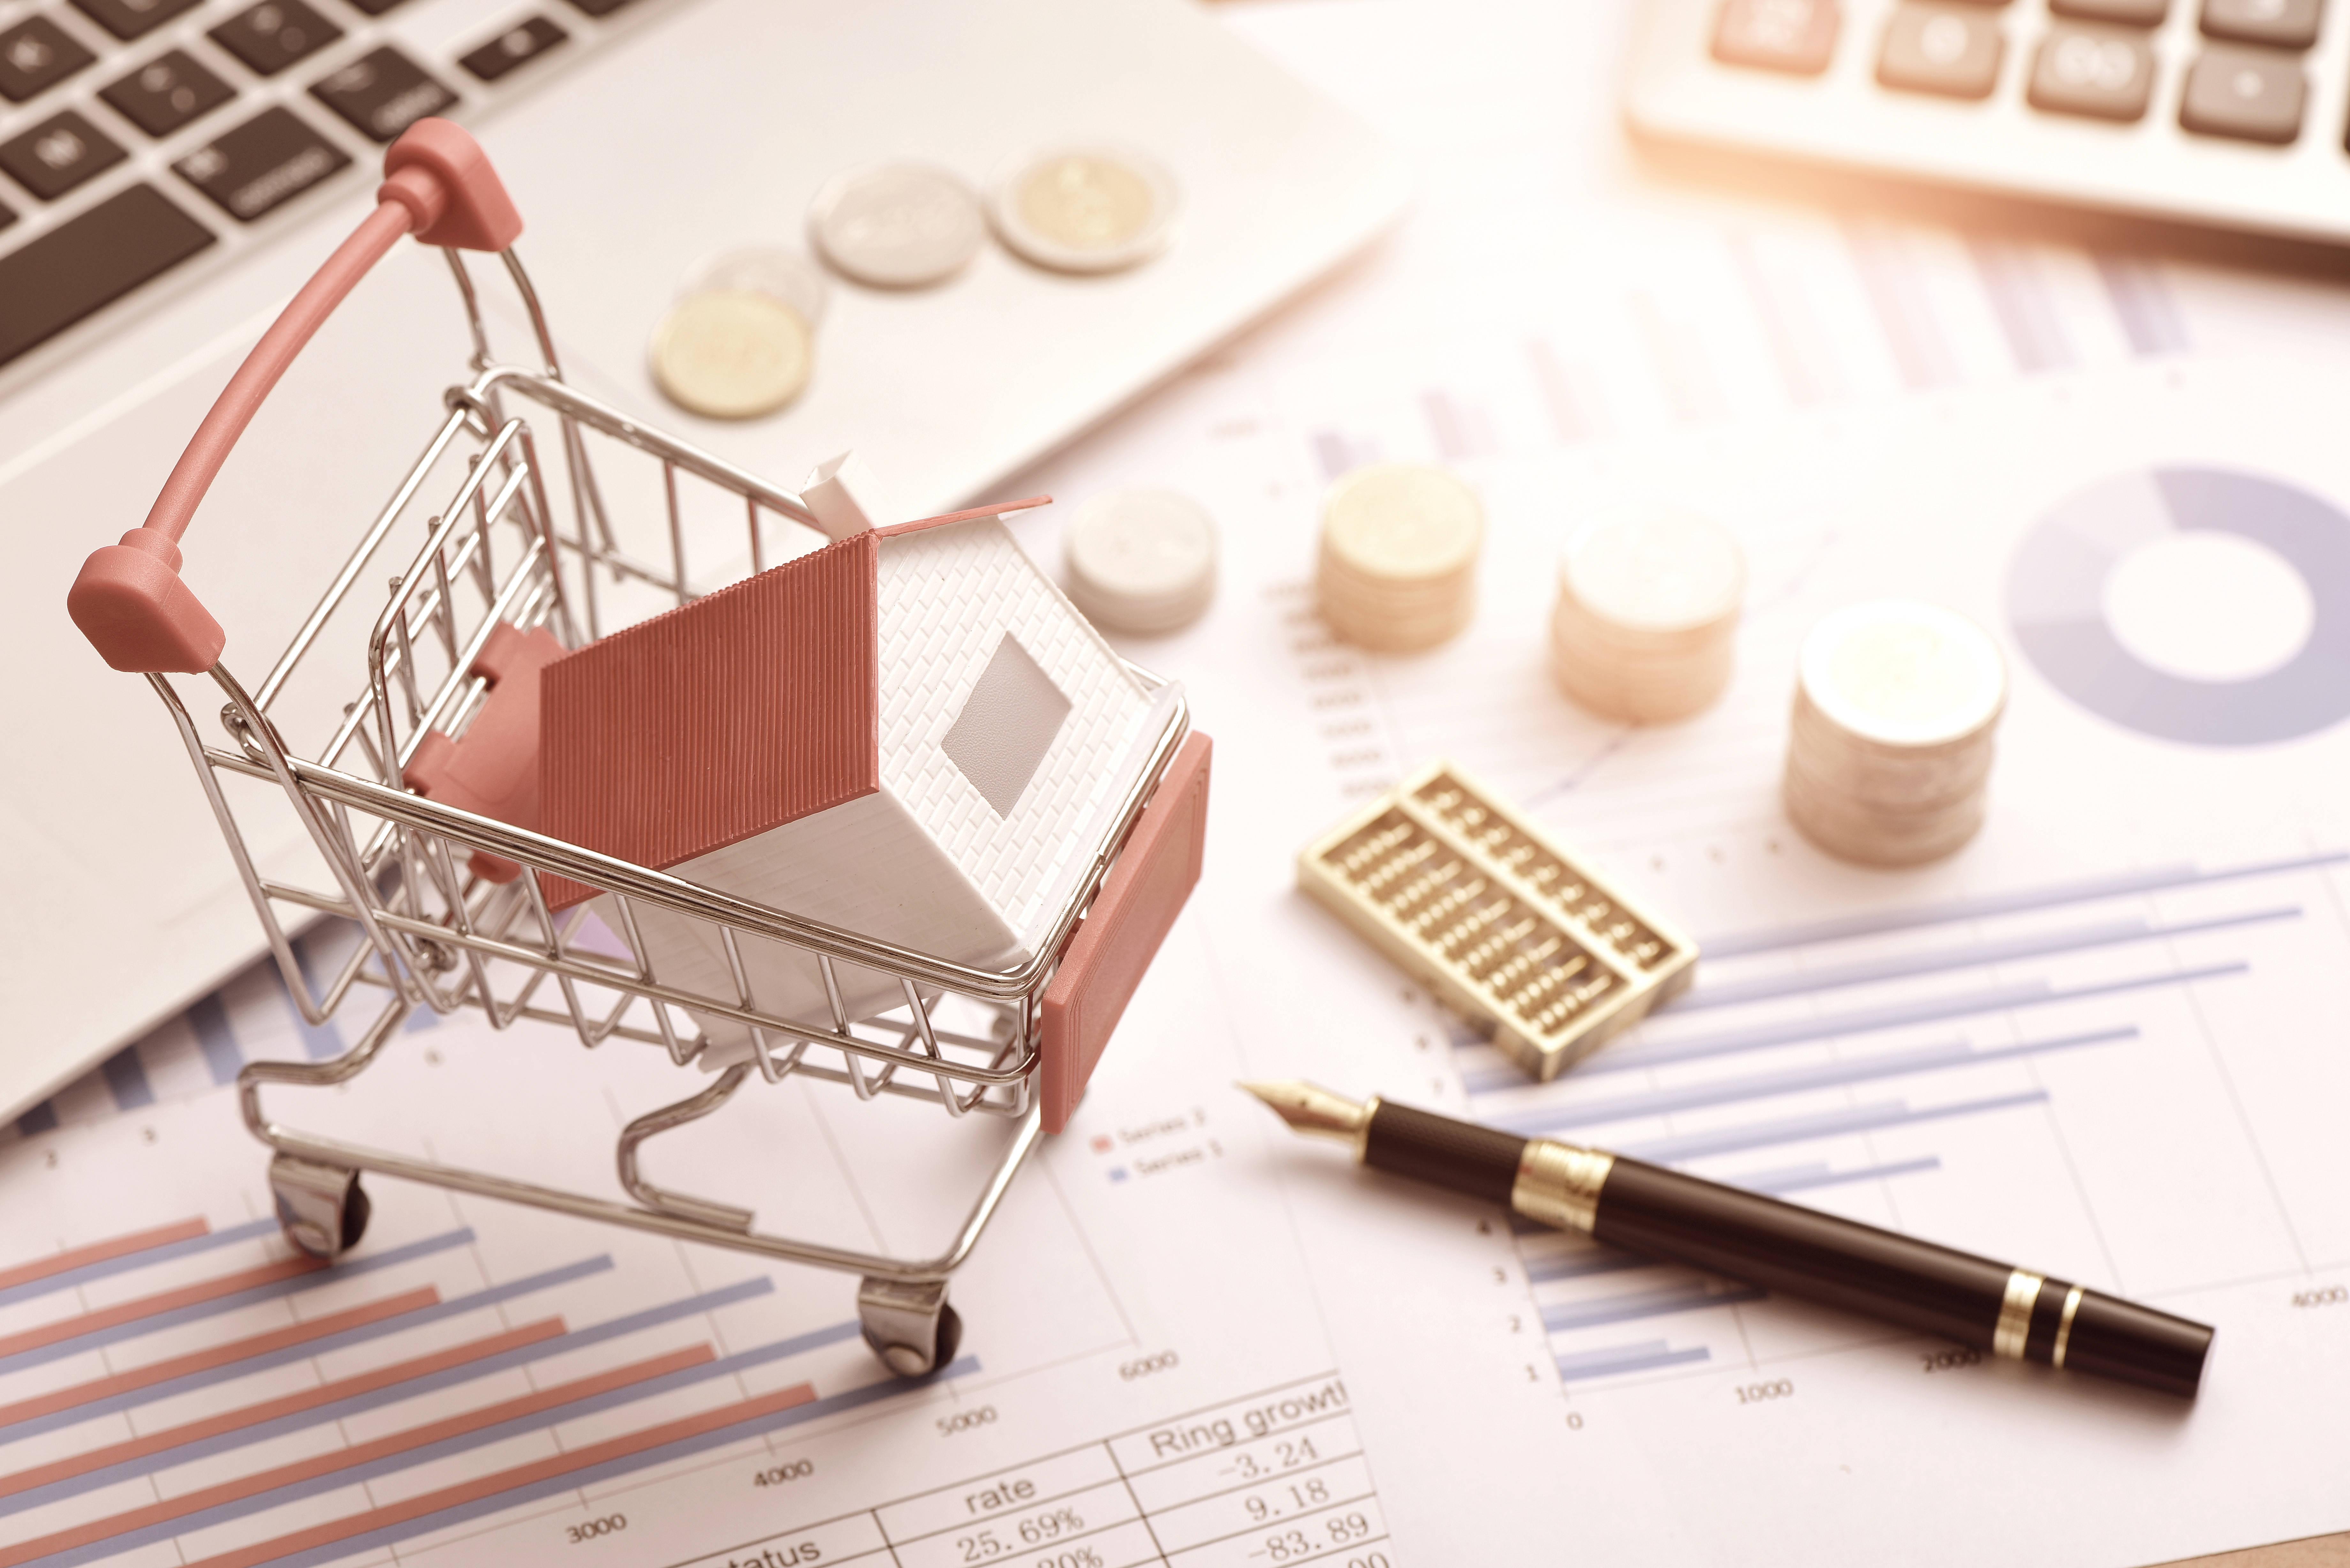 住房贷款证券化: 流动性驱动金融创新